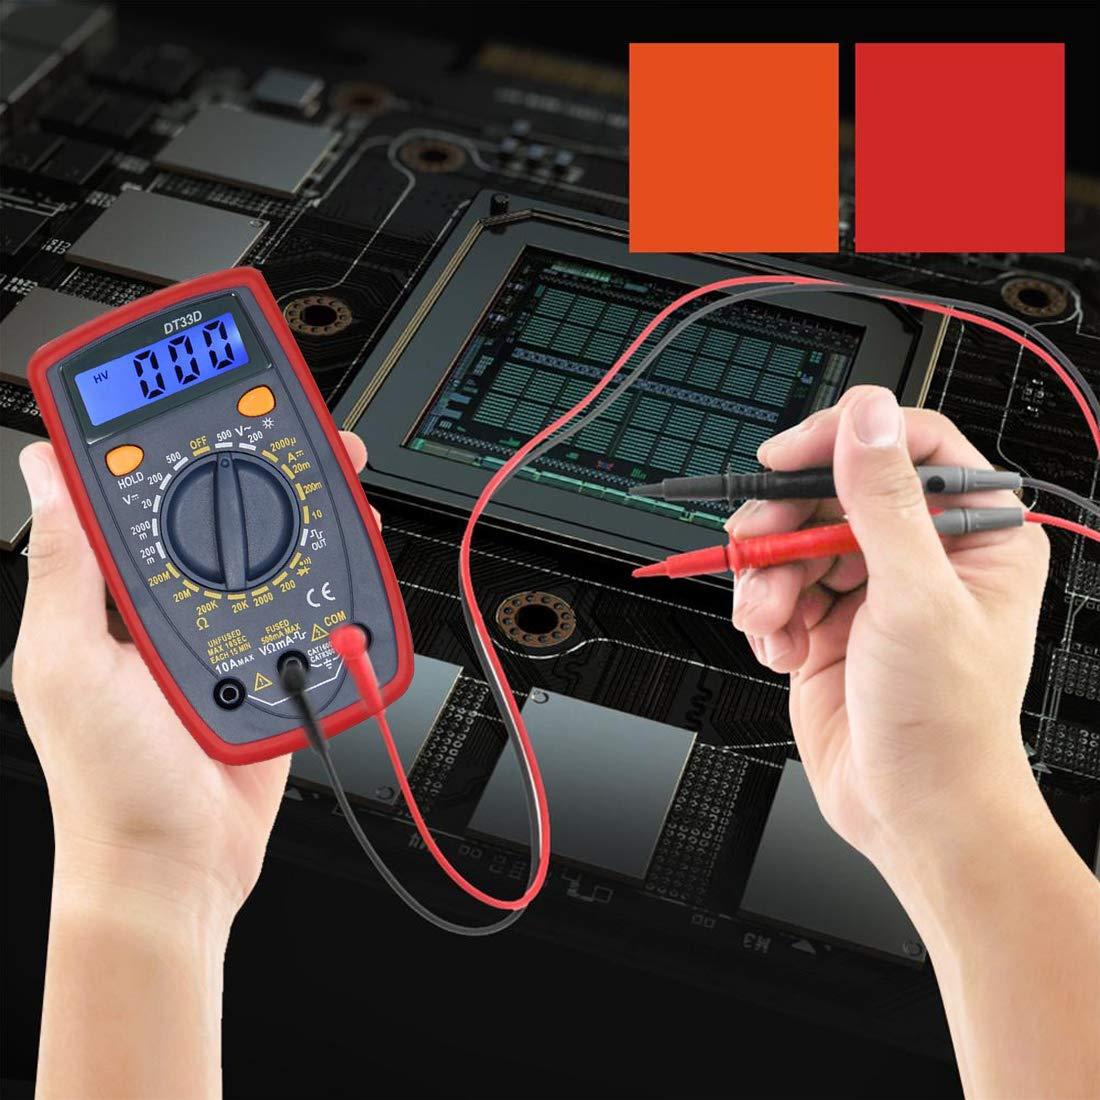 Amper/ímetro DC,con retroiluminaci/ón LCD Probador NoyoKere Mult/ímetro Digital Multi Tester Volt/ímetro,1999 Port/átil Polimetro,Volt/ímetro AC//DC